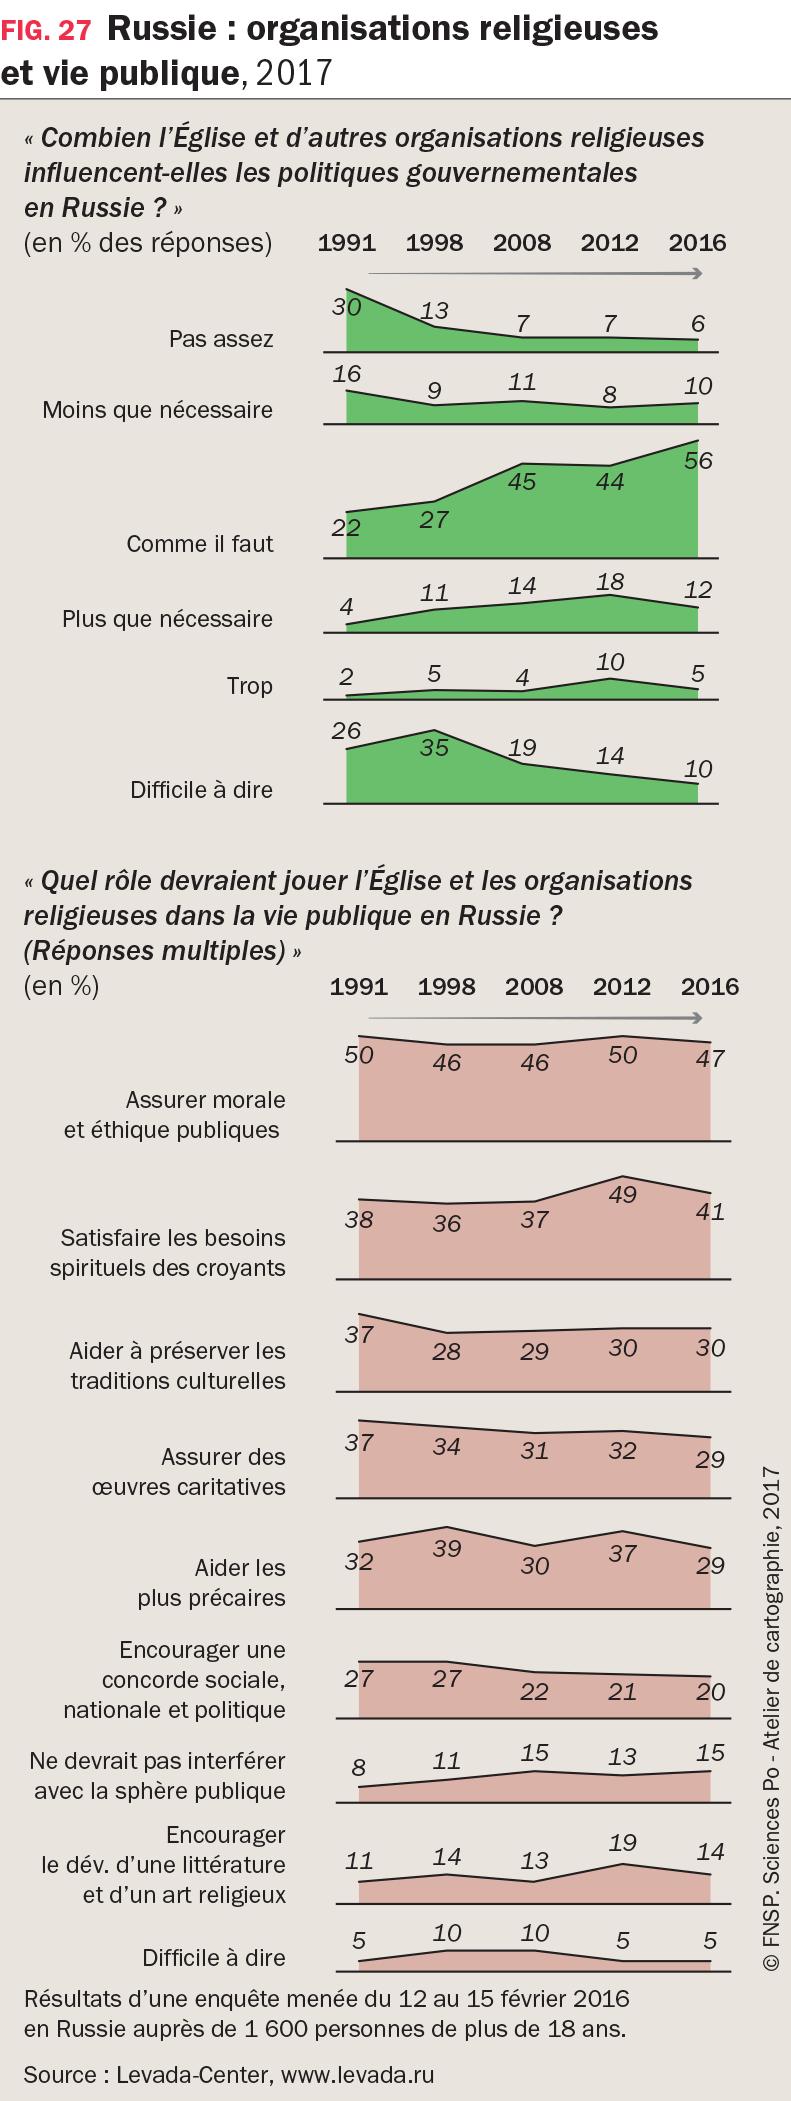 2 graphiques : Russie : organisations religieuses et vie publique, 2017